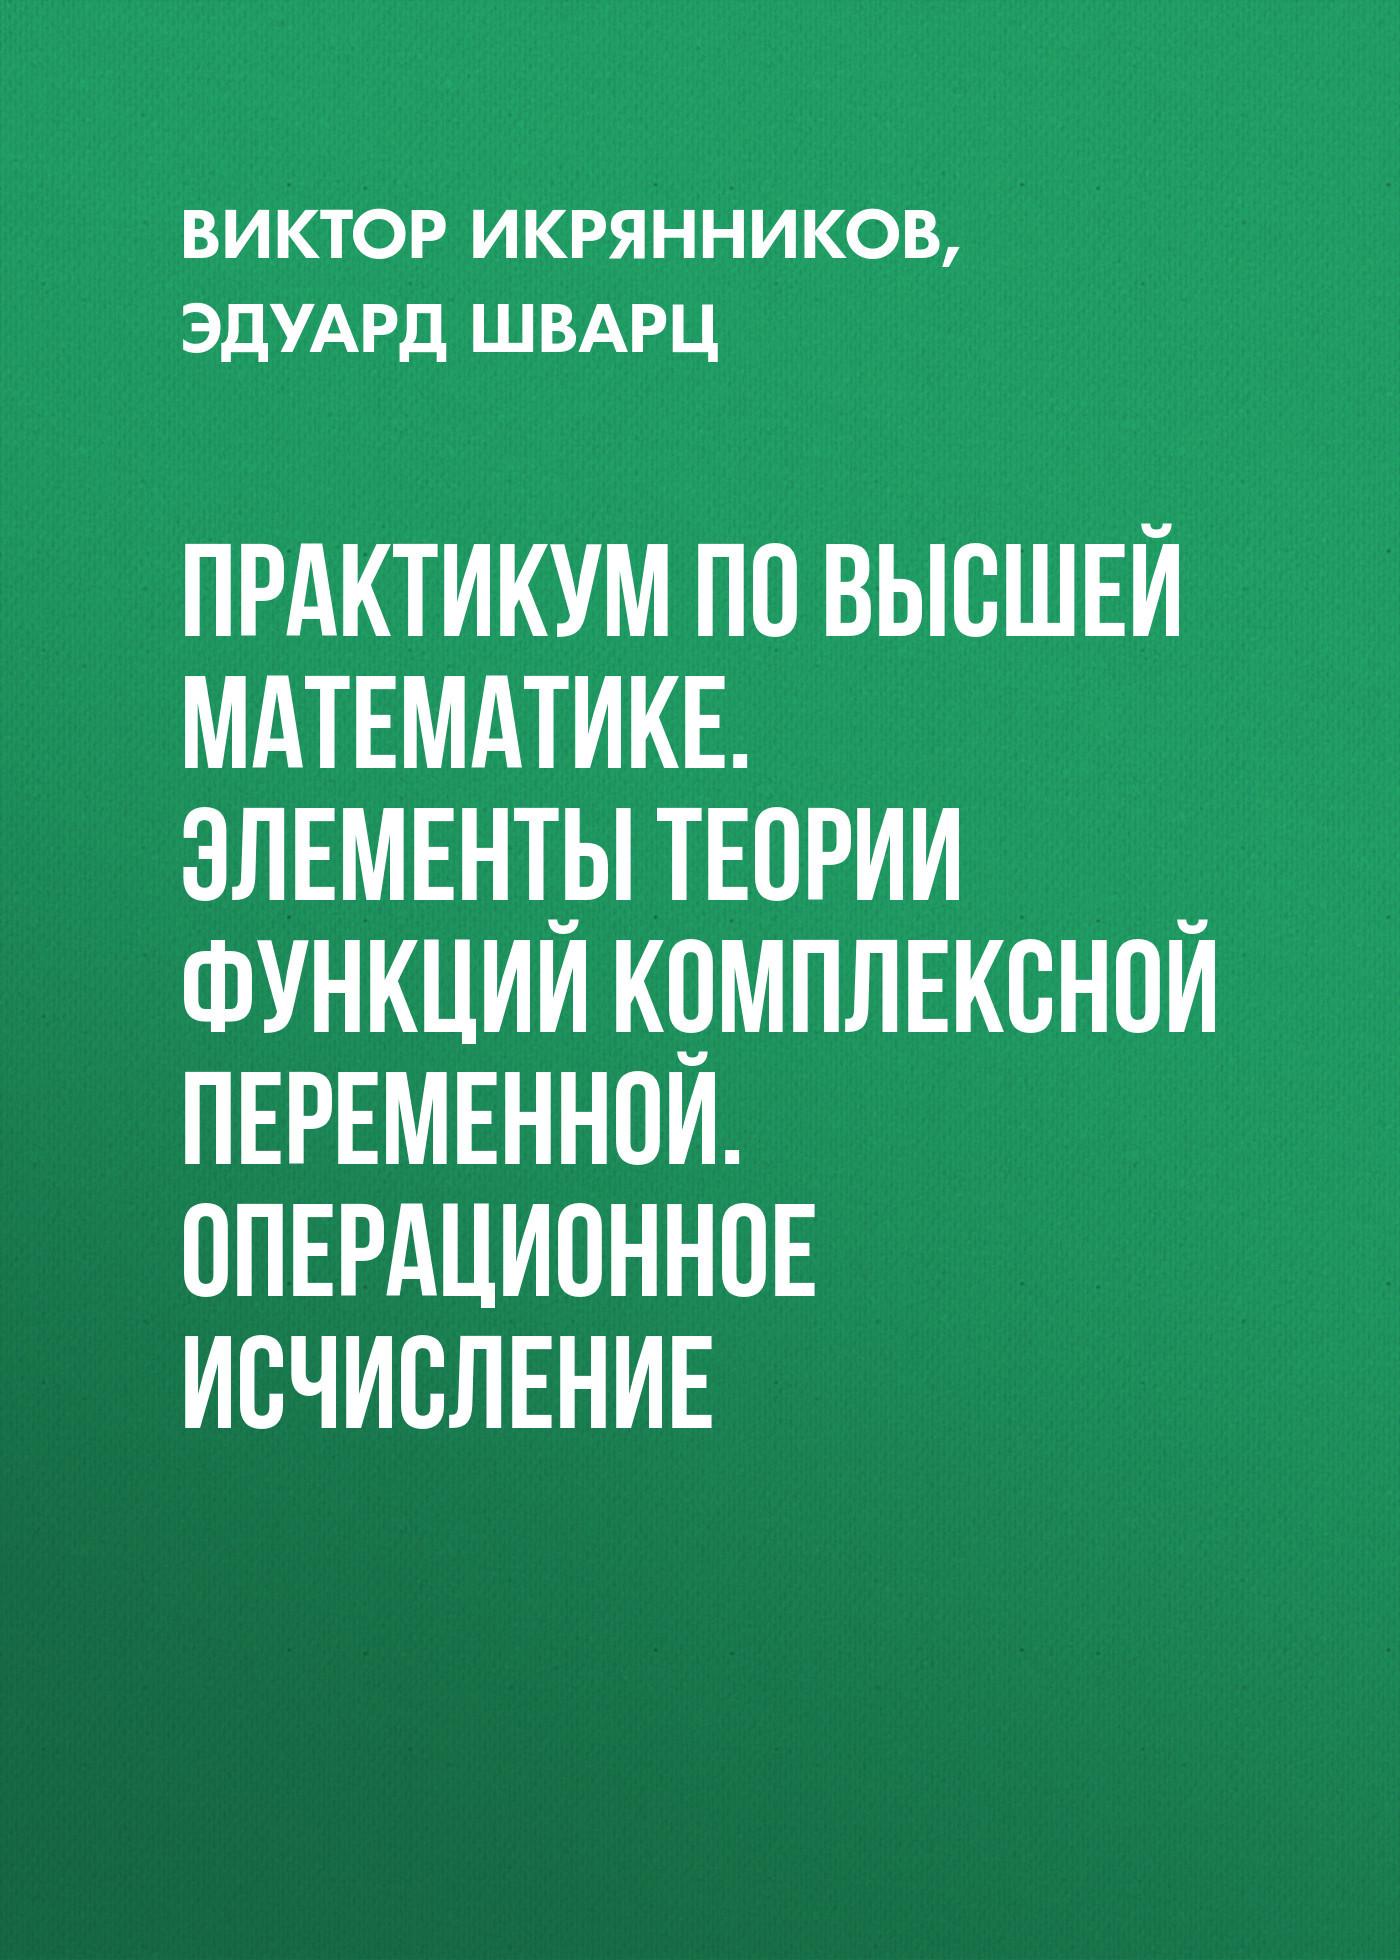 Эдуард Шварц Практикум по высшей математике. Элементы теории функций комплексной переменной. Операционное исчисление карлетти э дворец для кукол